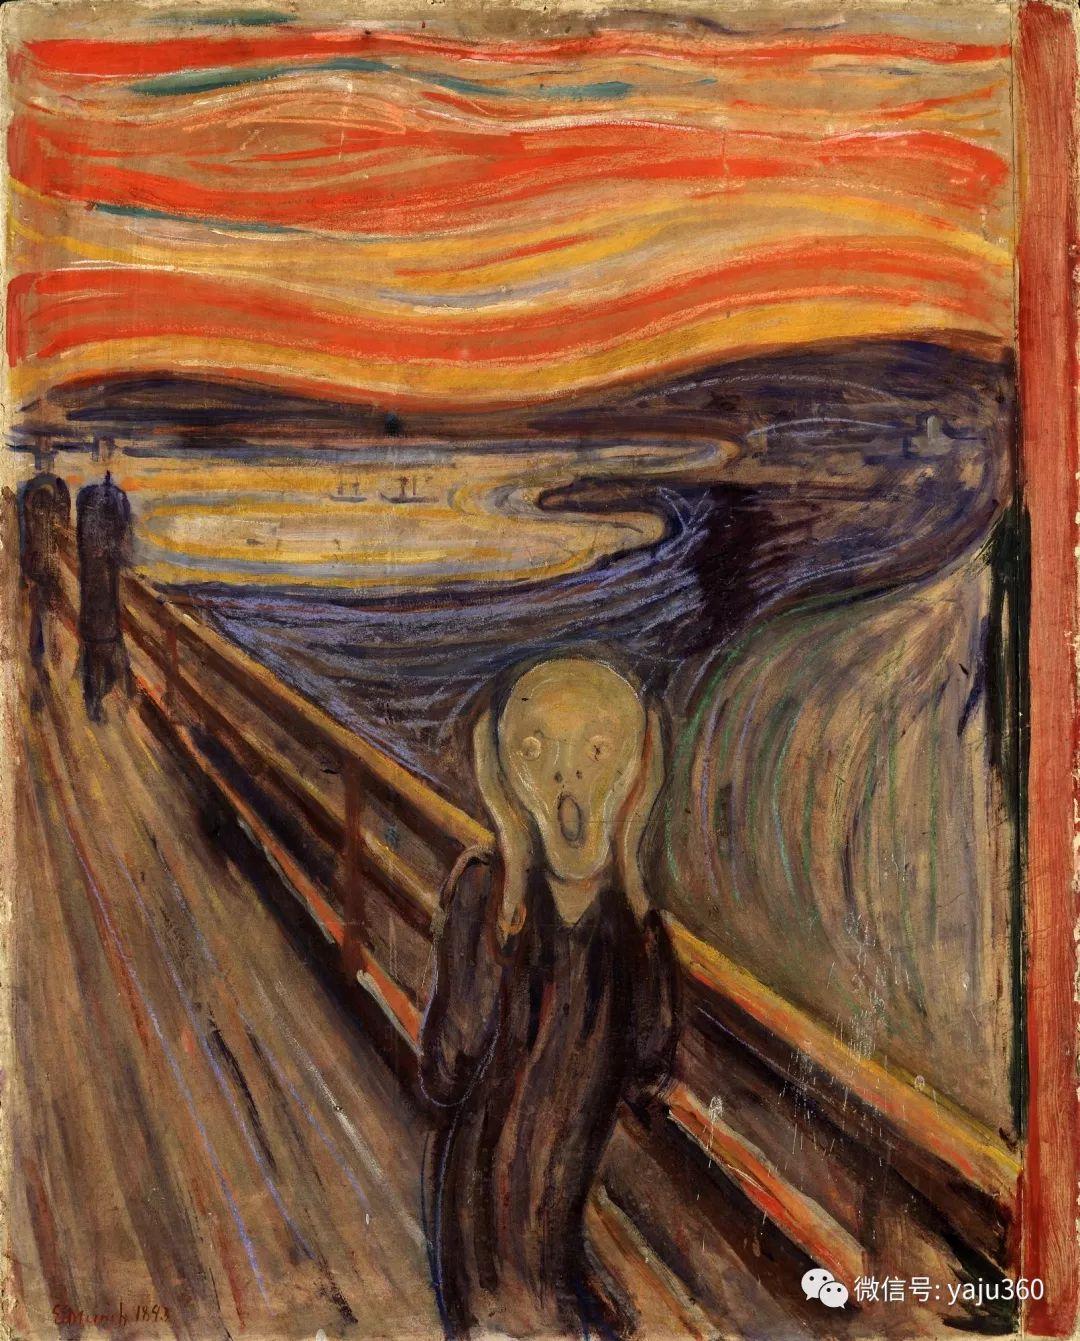 表现主义 挪威画家爱德华·蒙克插图2